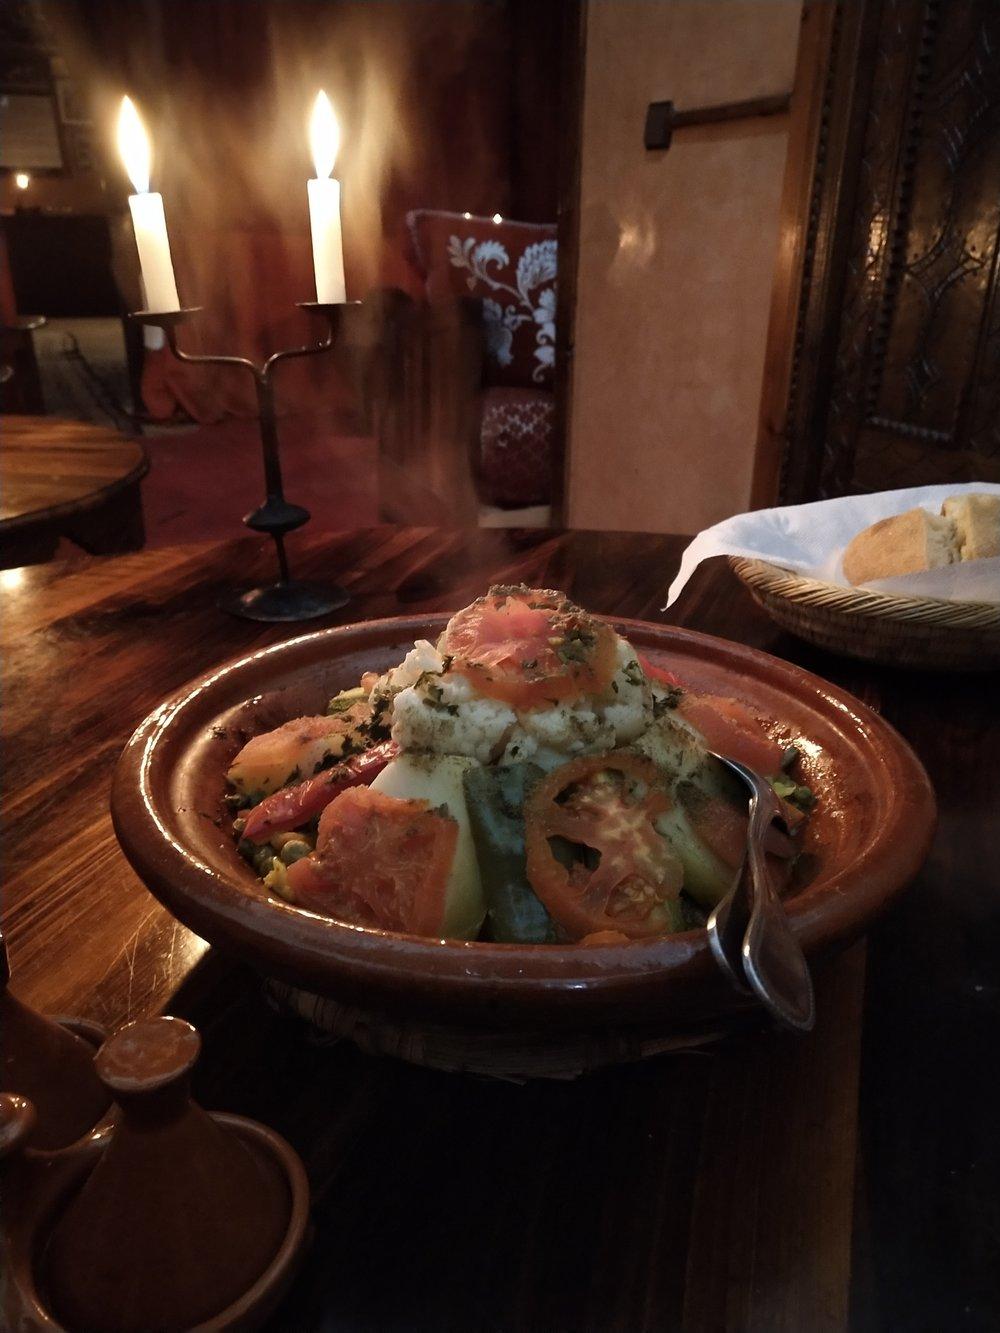 Dinner at Kasbah du toubkal